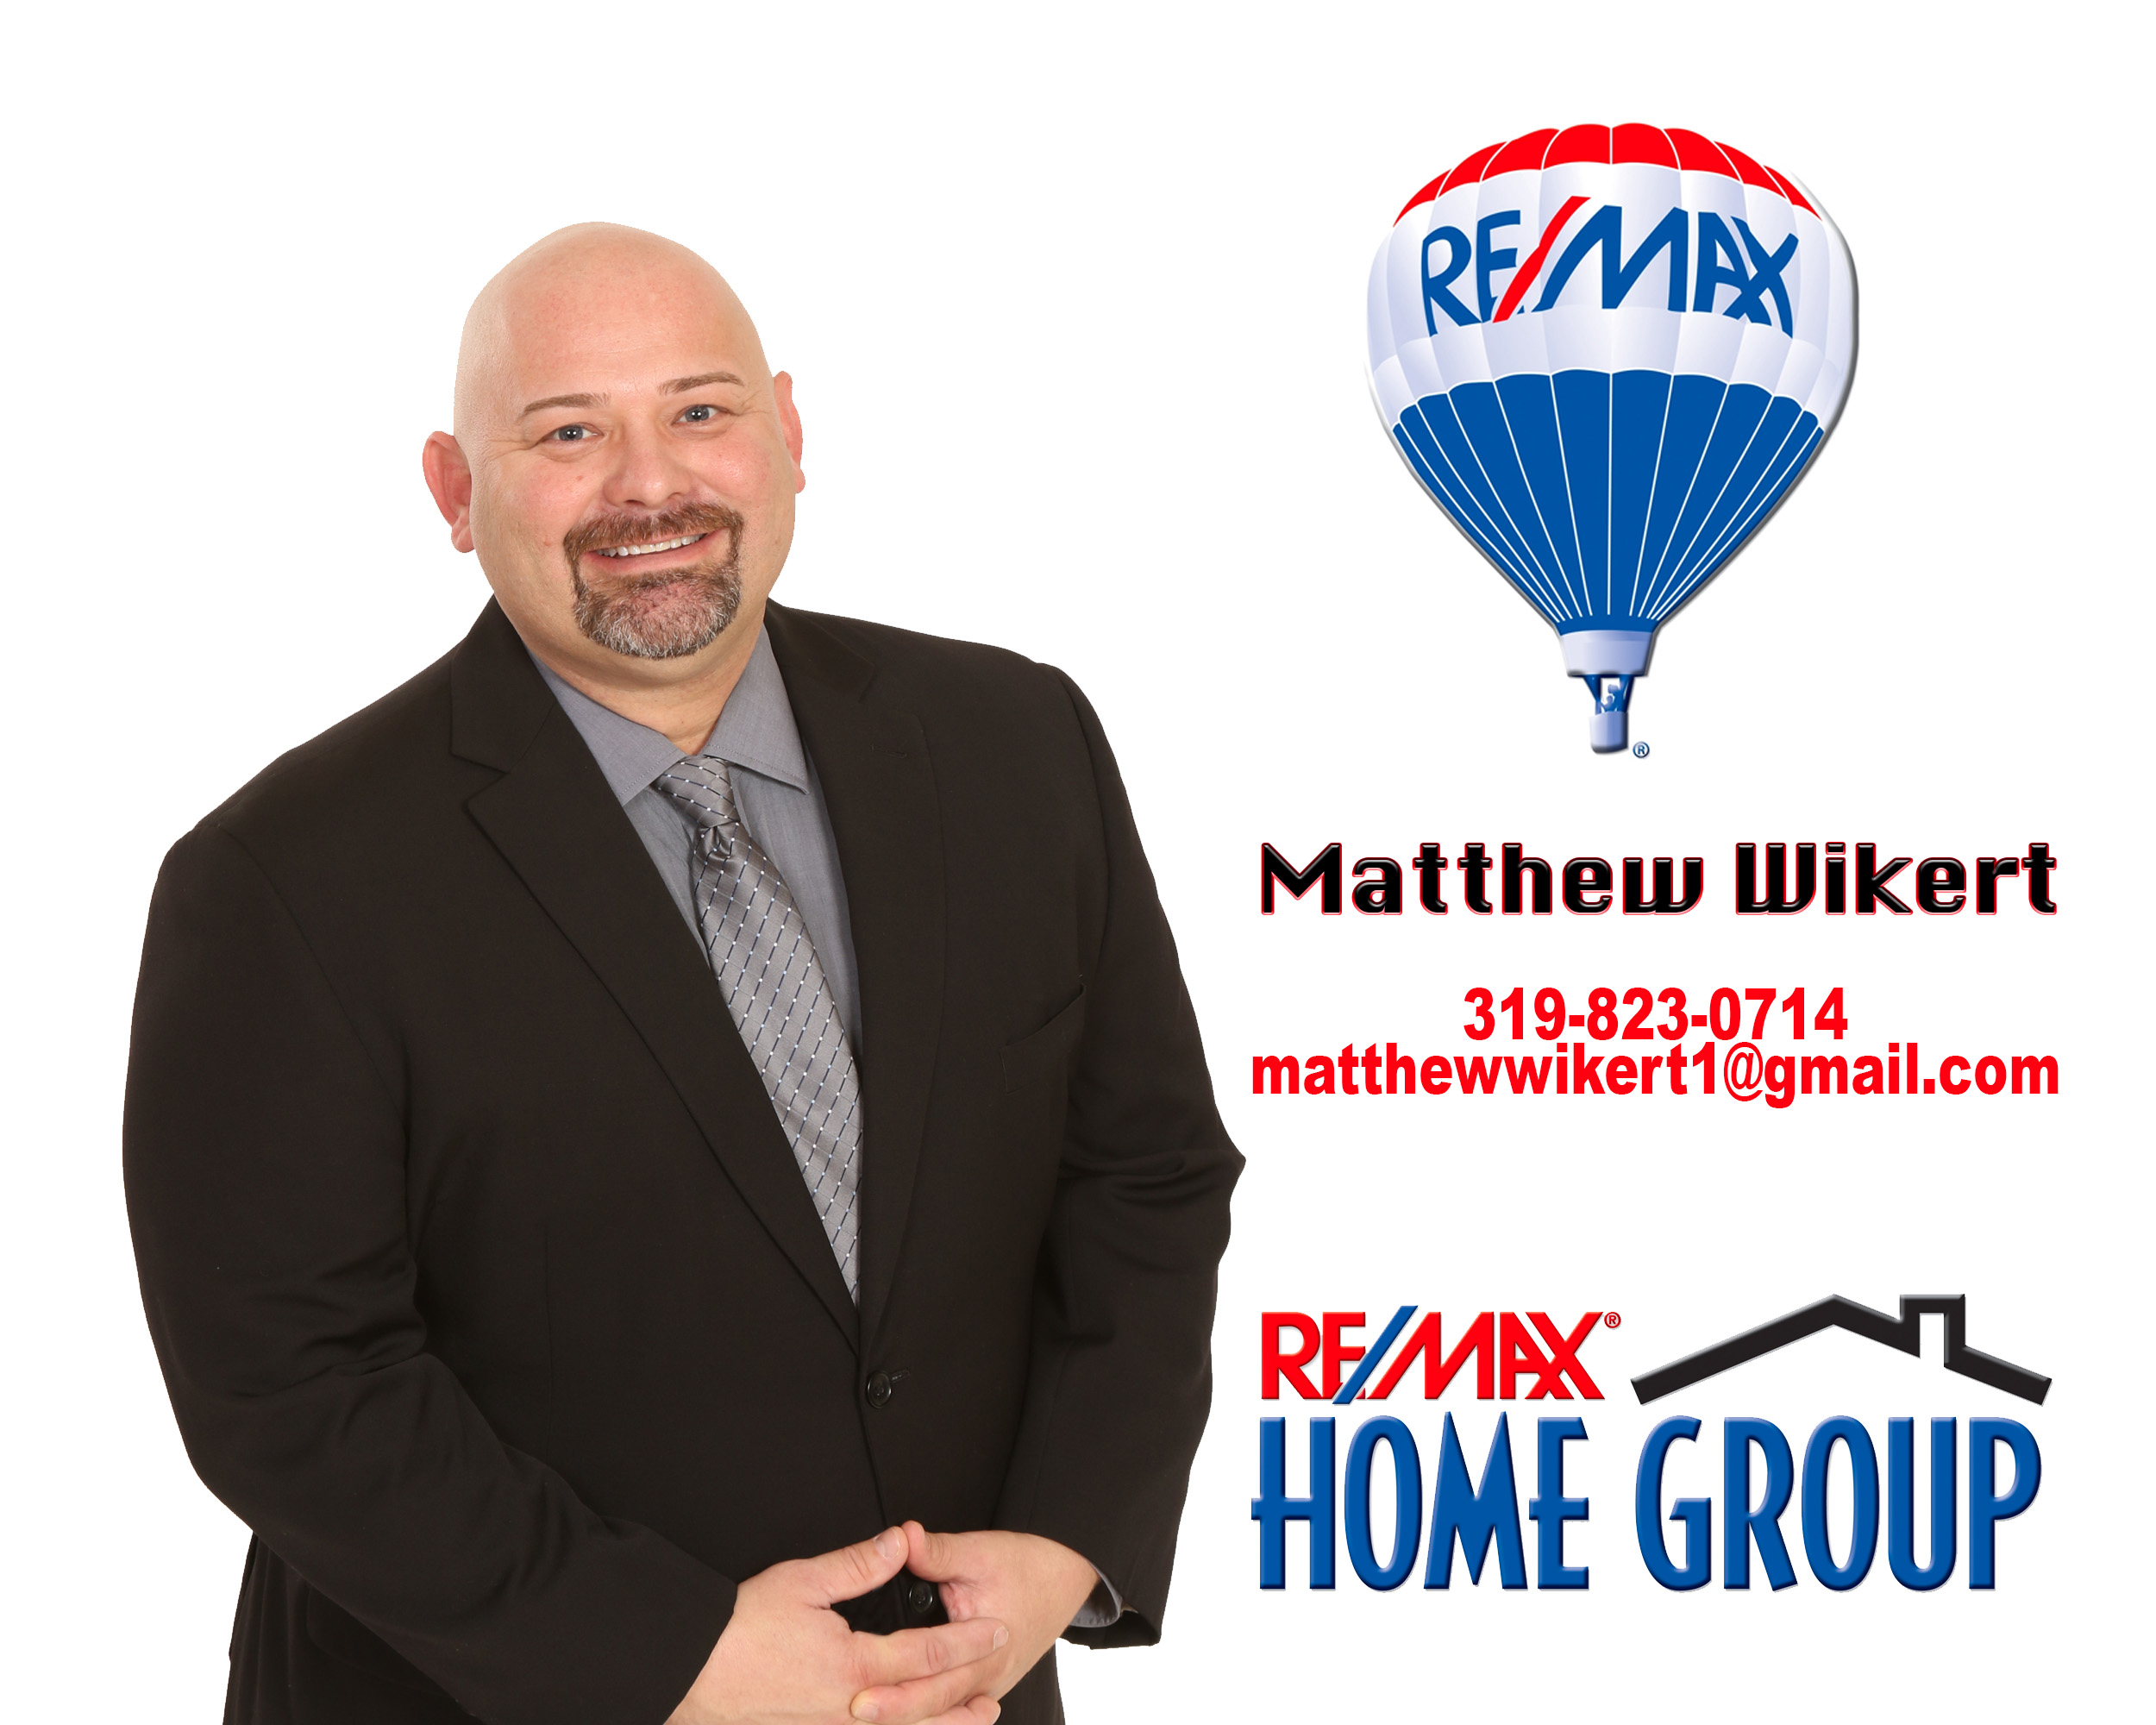 Matthew Wikert